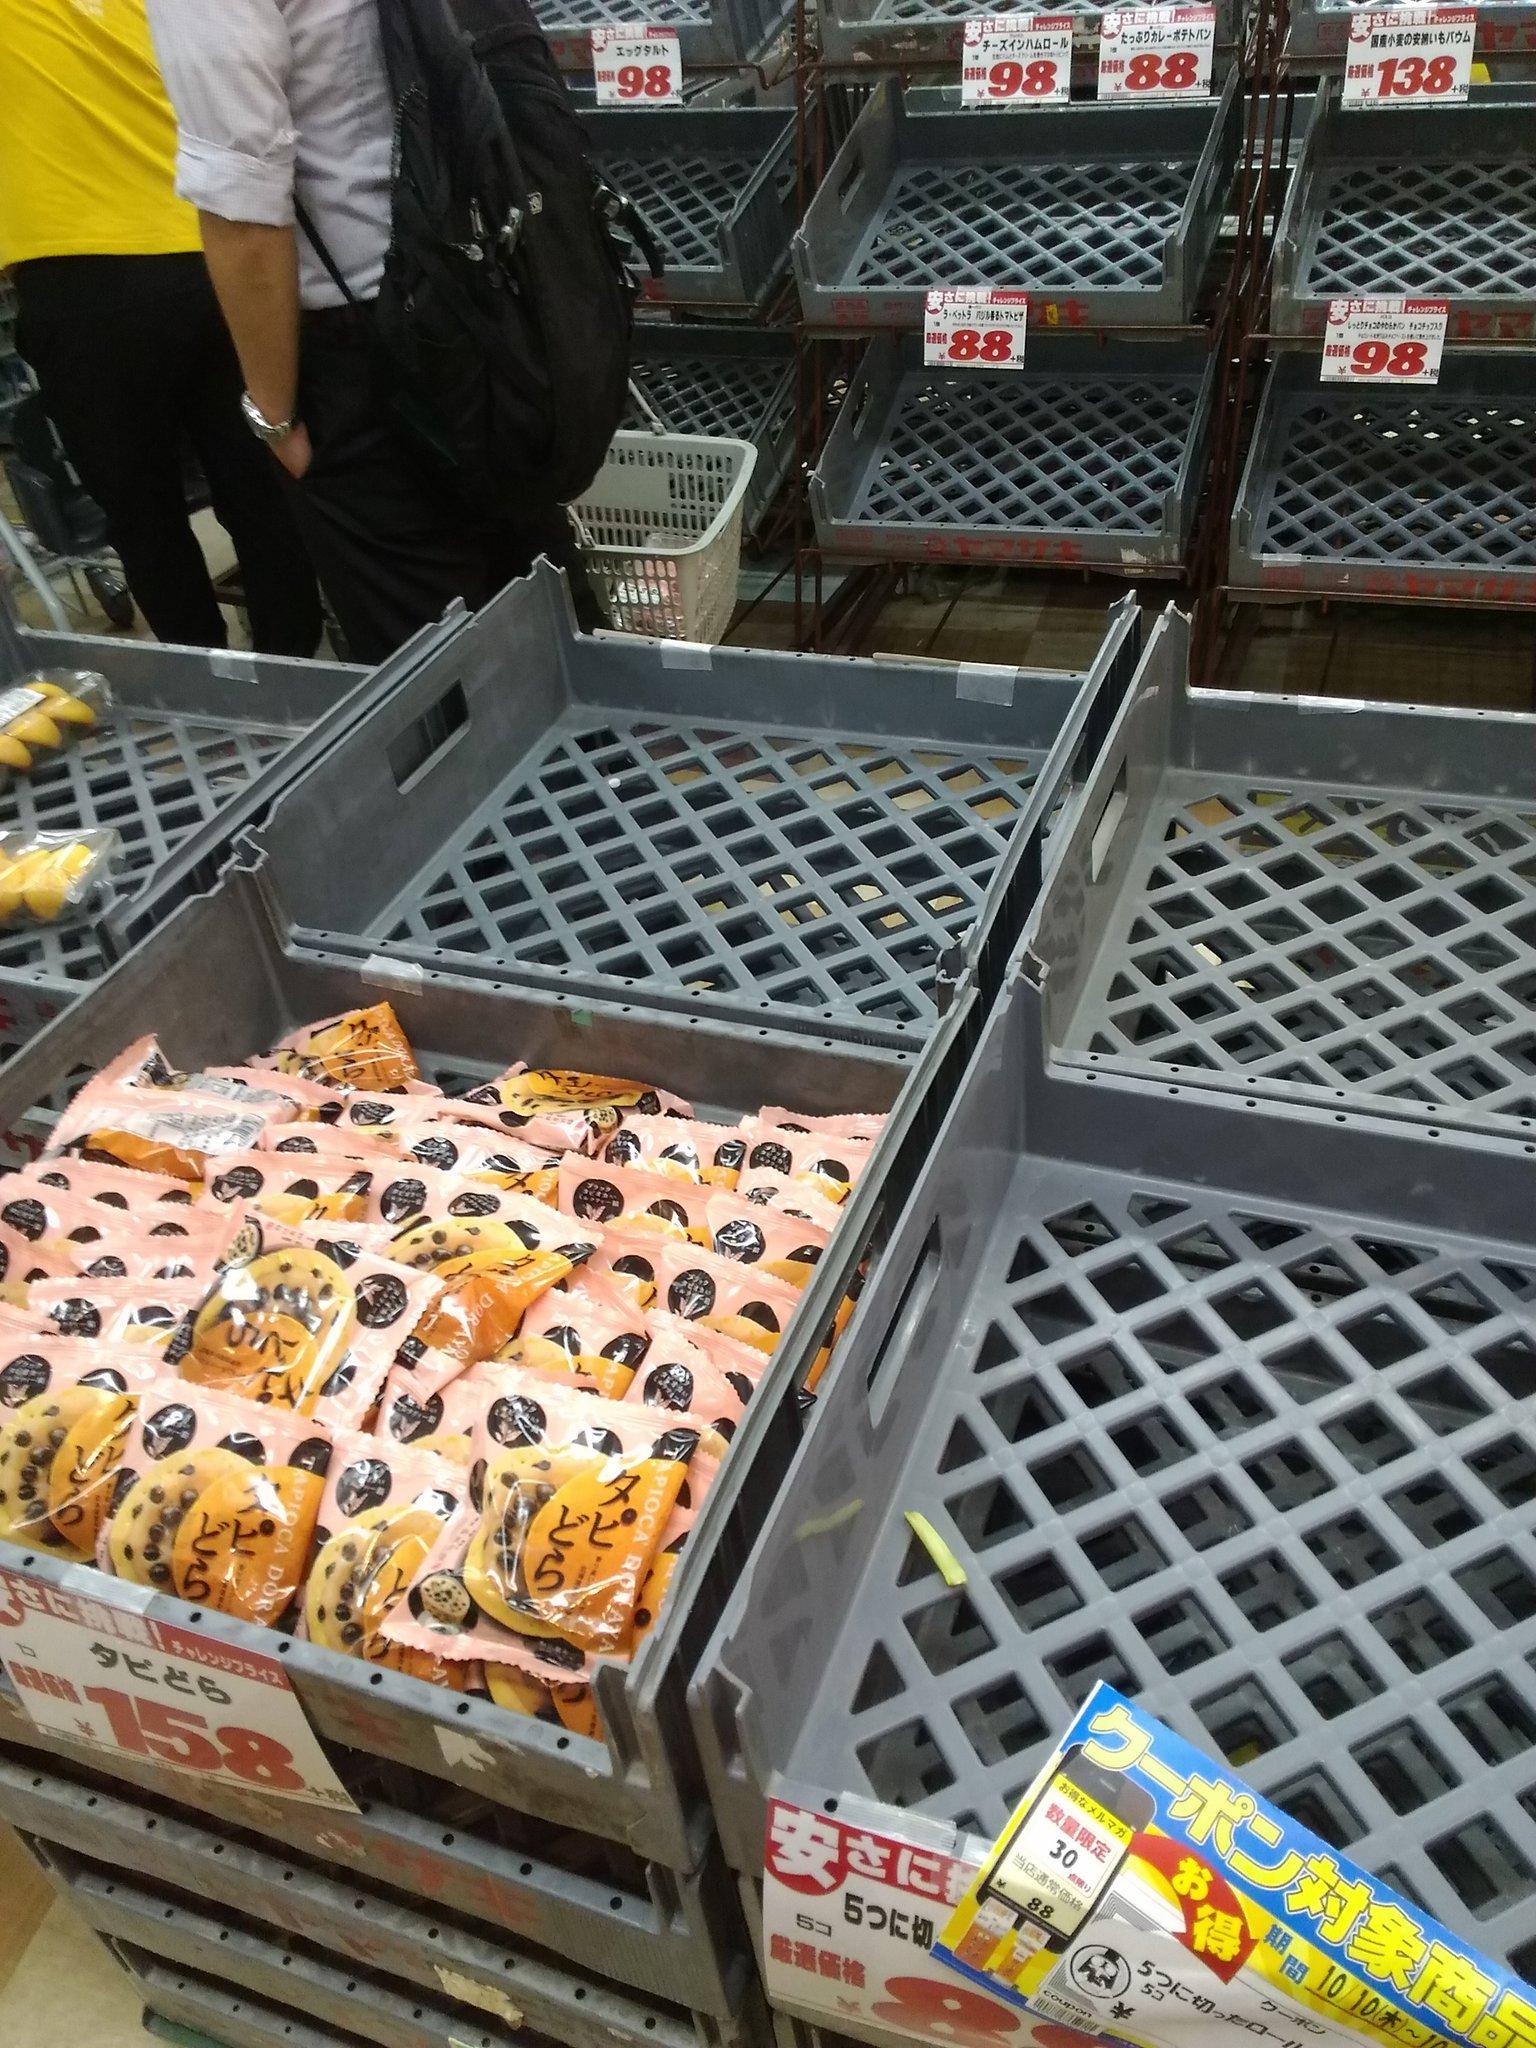 台風襲来で菓子パン類が売り切れる中、それでもこれだけは買わないという消費者の強い意思が見えるので、商品開発部の人はこれを参考に反省しながら新商品作ってください